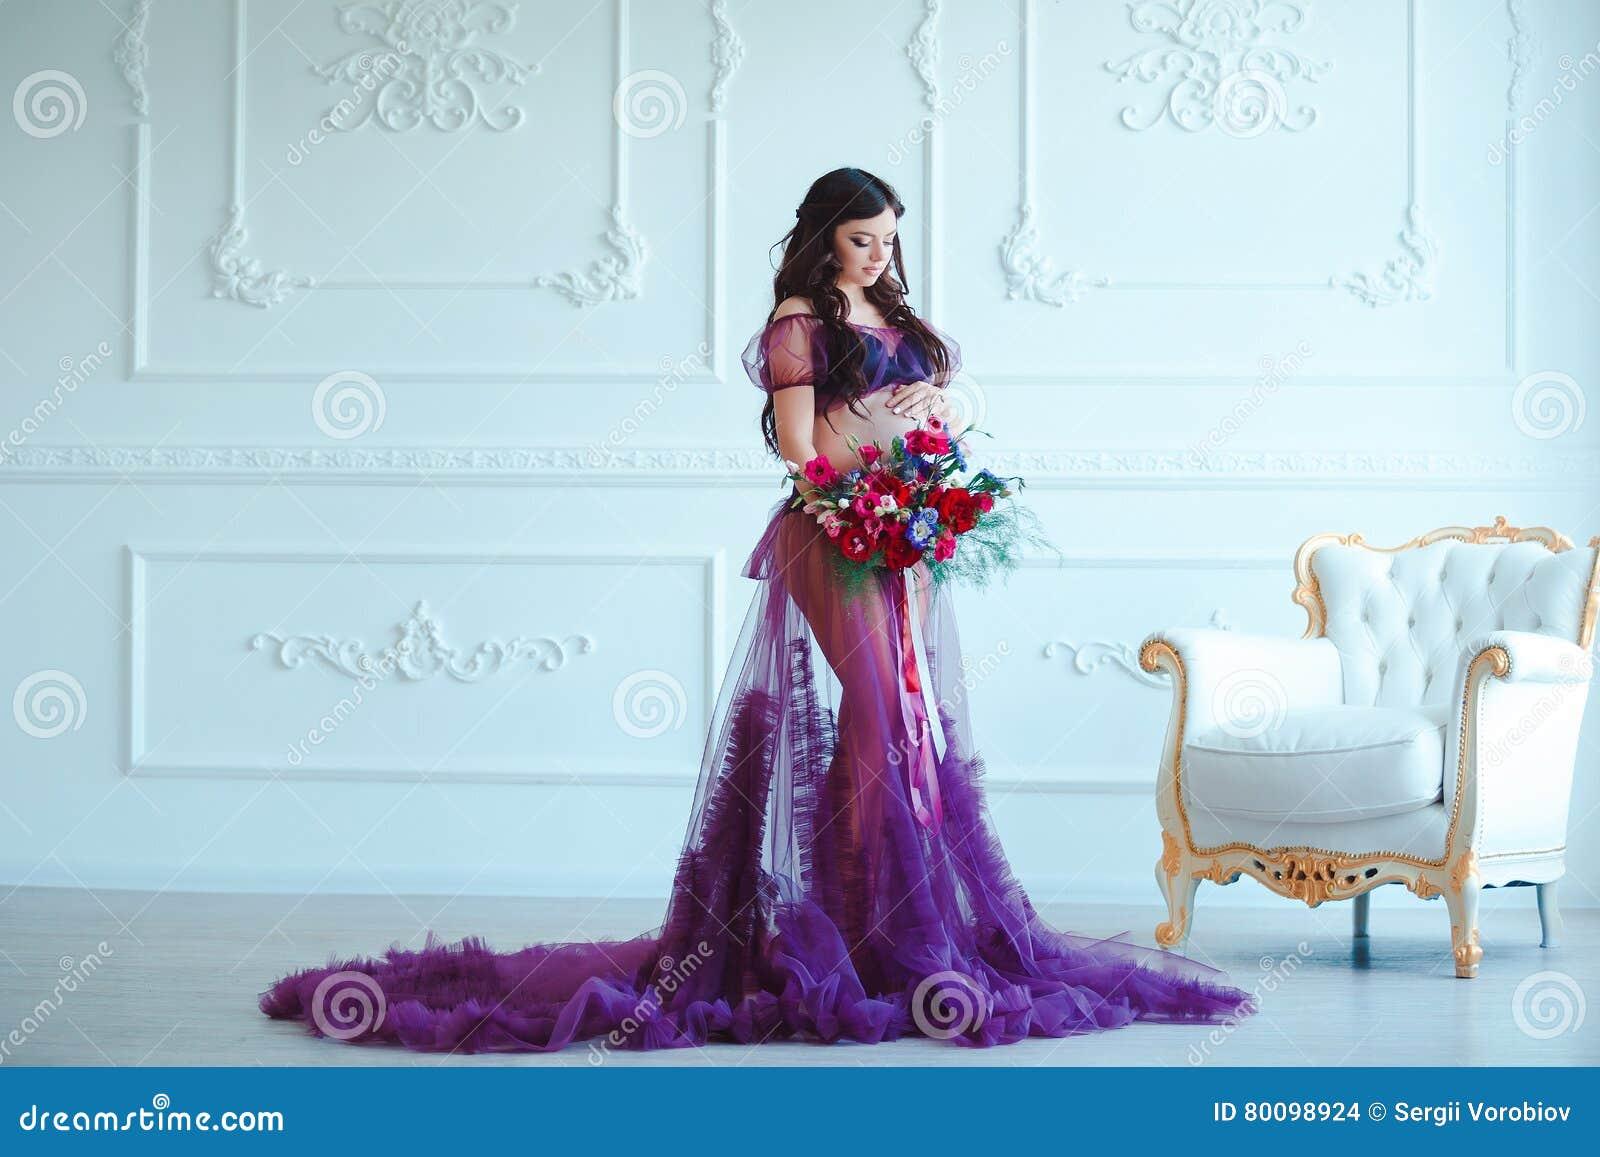 belle femme enceinte dans la robe d 39 offre de violette l 39 int rieur classique de luxe grossesse. Black Bedroom Furniture Sets. Home Design Ideas